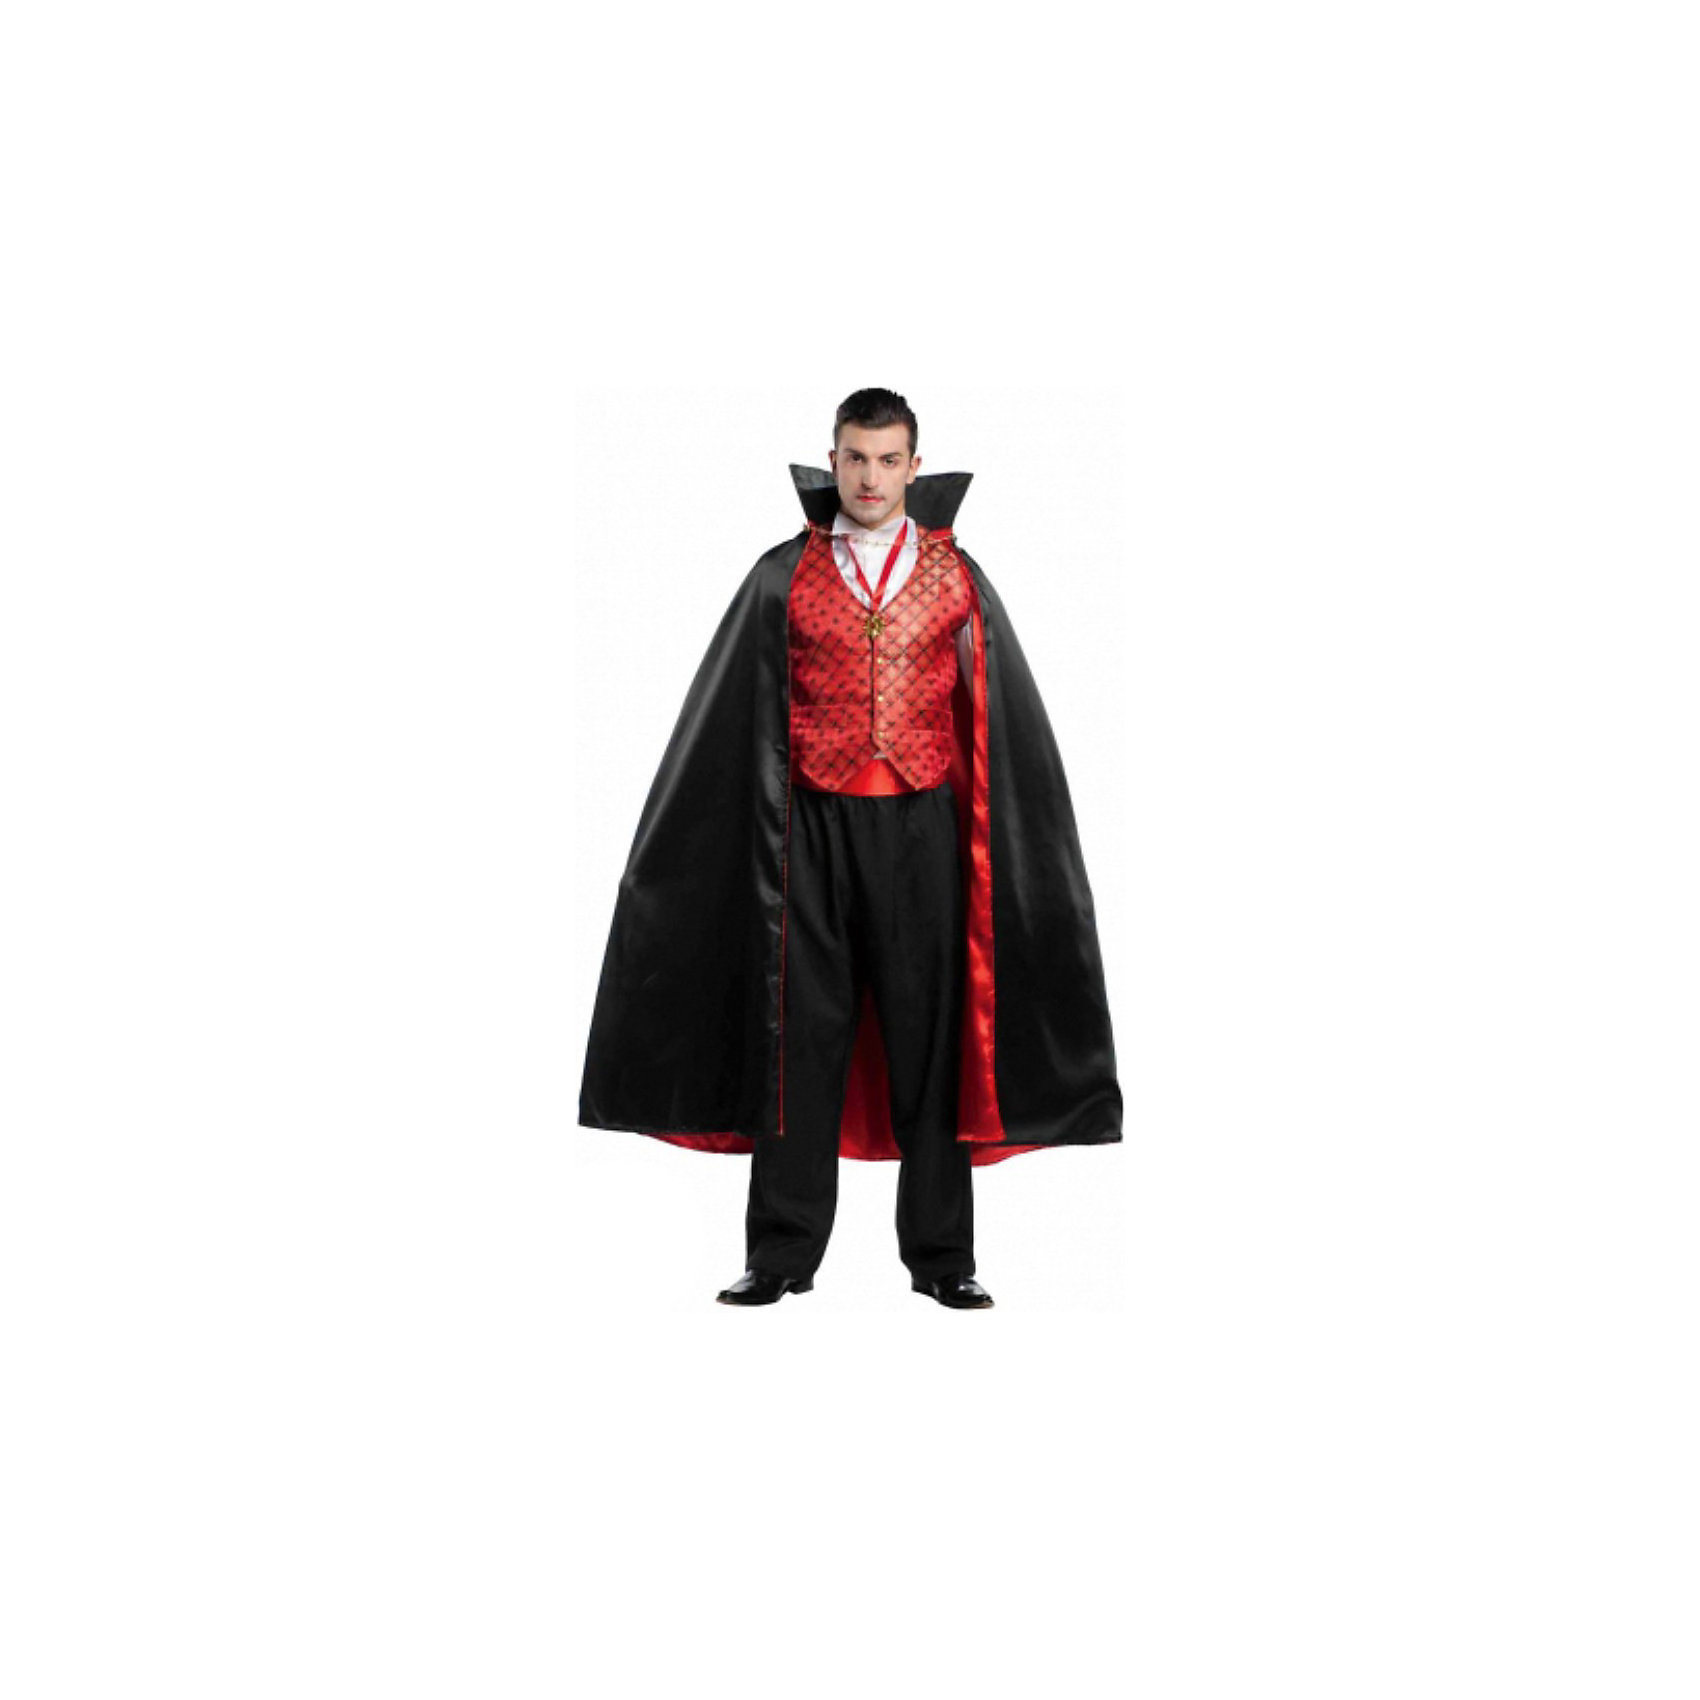 Карнавальный костюм взрослый Дракула, размер S, Veneziano